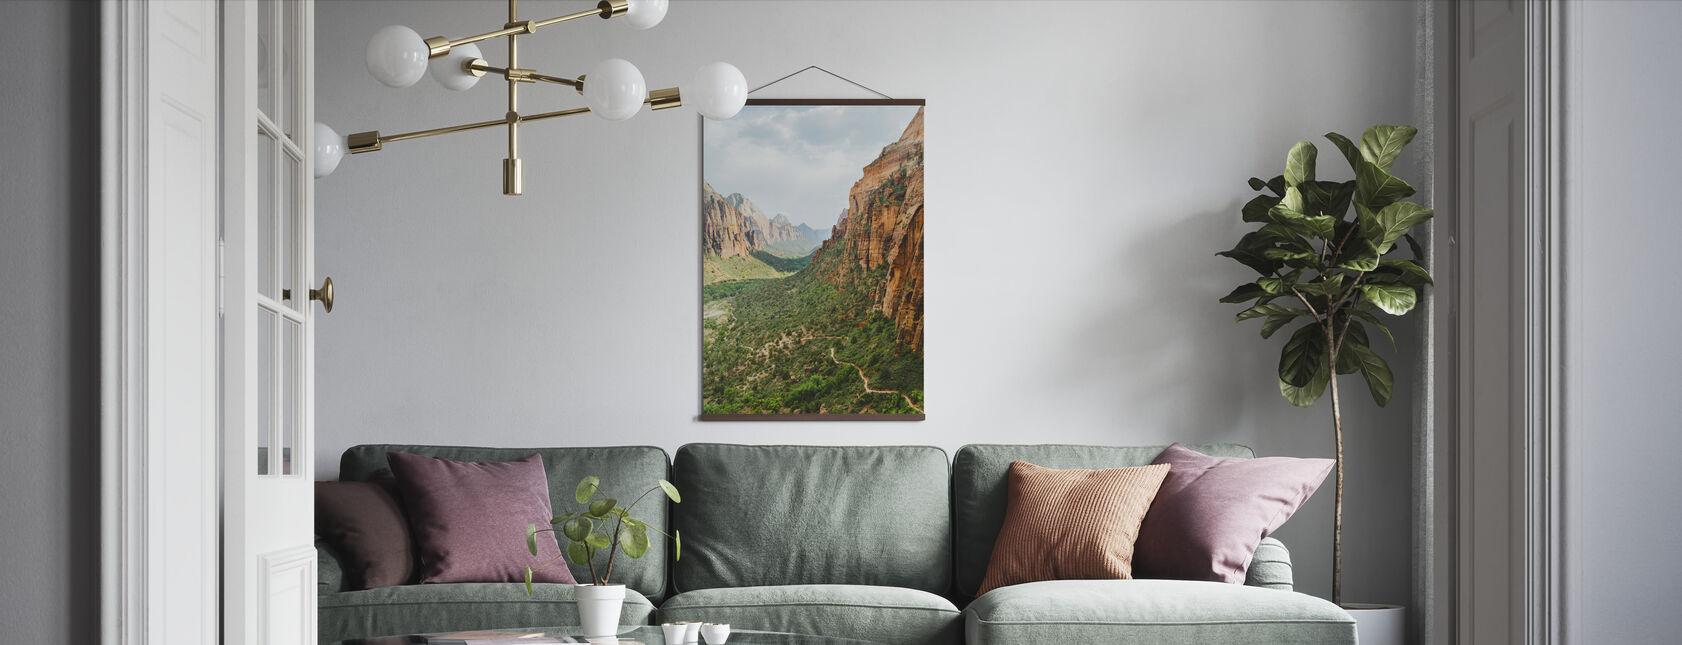 Dalen i Zion nasjonalpark, USA - Plakat - Stue